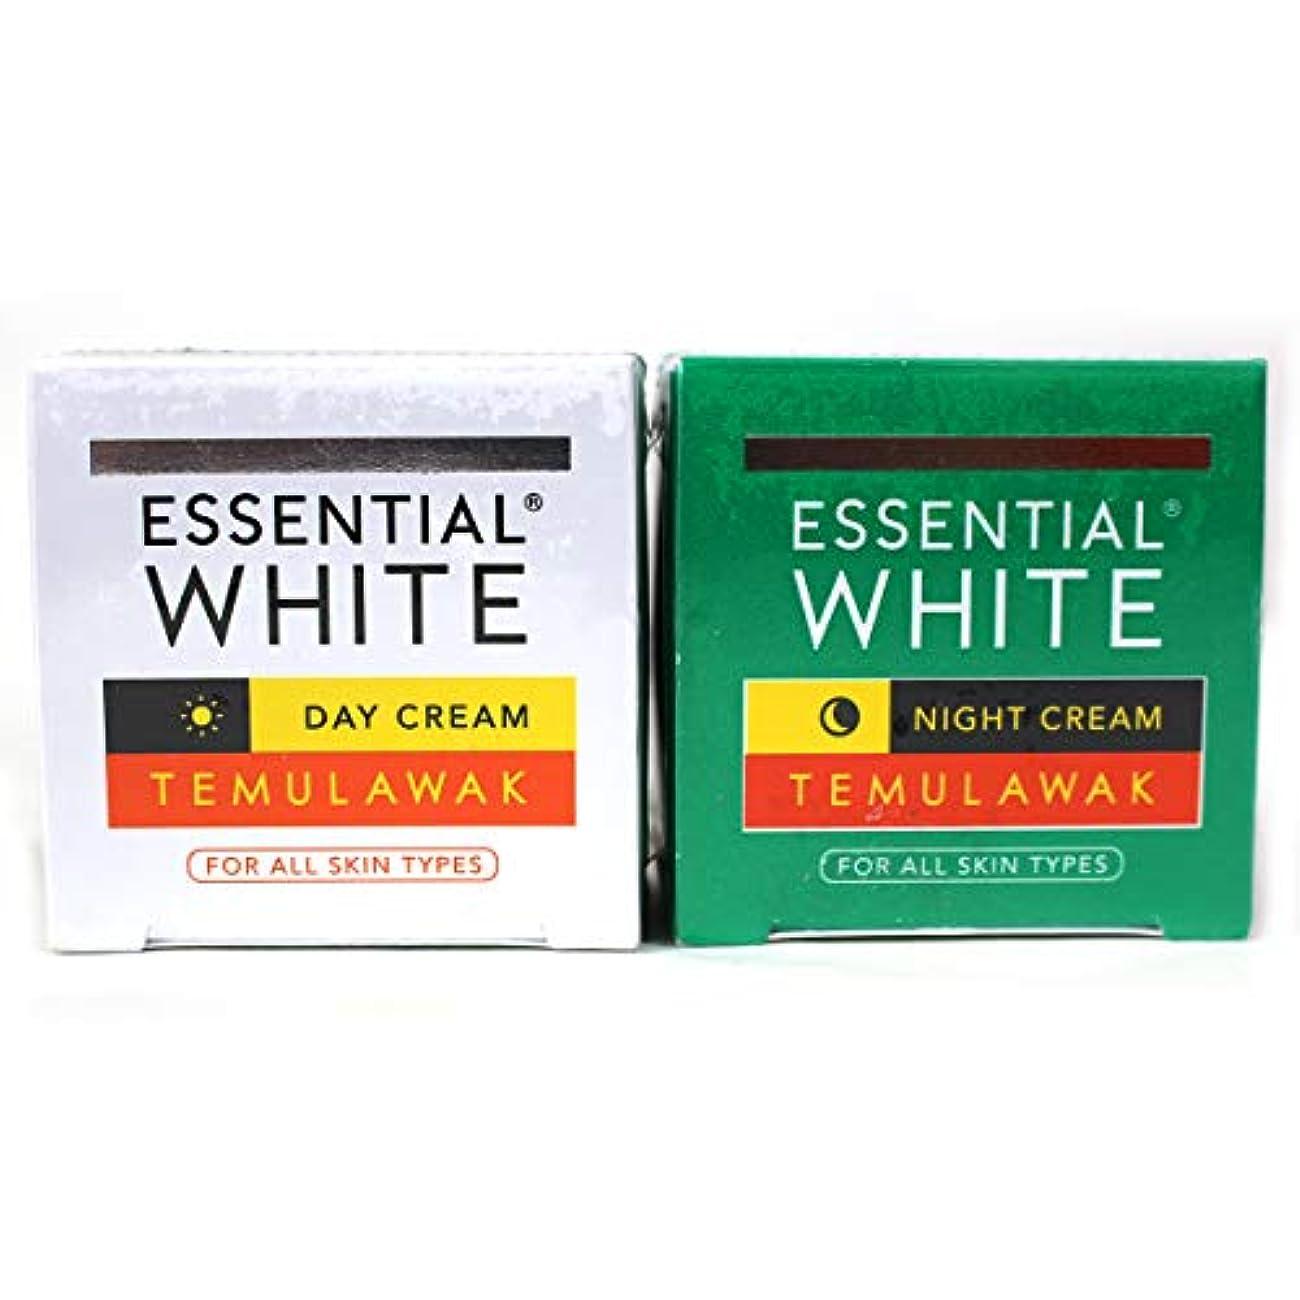 組み立てるアジア信頼ギジ gizi Essential White フェイスクリーム ボトルタイプ 日中用&ナイト用セット 9g ×2個 テムラワク ウコン など天然成分配合 [海外直送品]